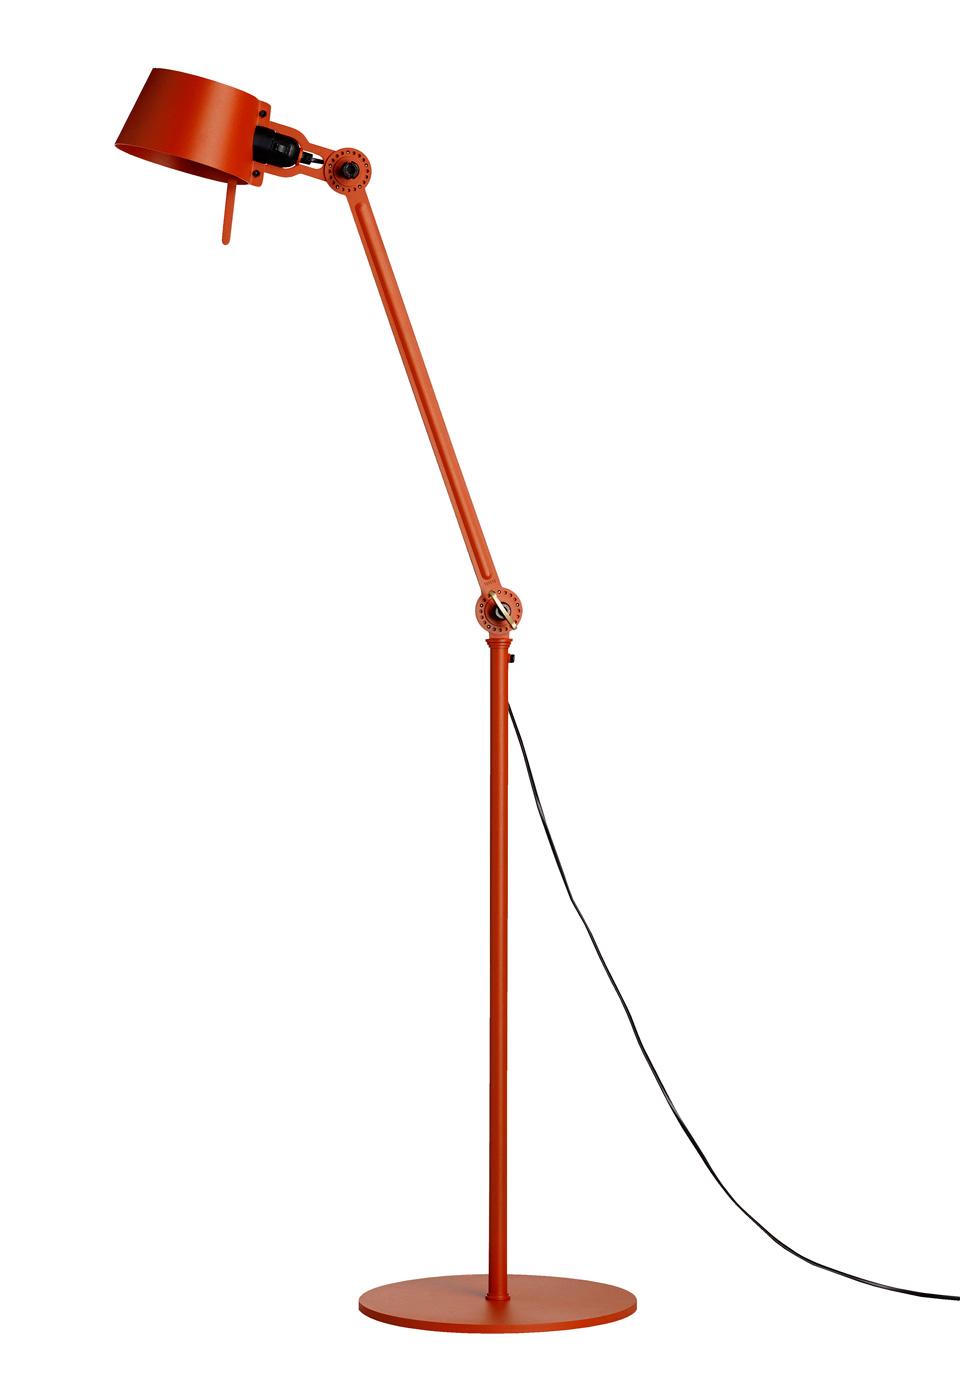 Lampadaire orange en acier style industriel Bolt. Tonone.